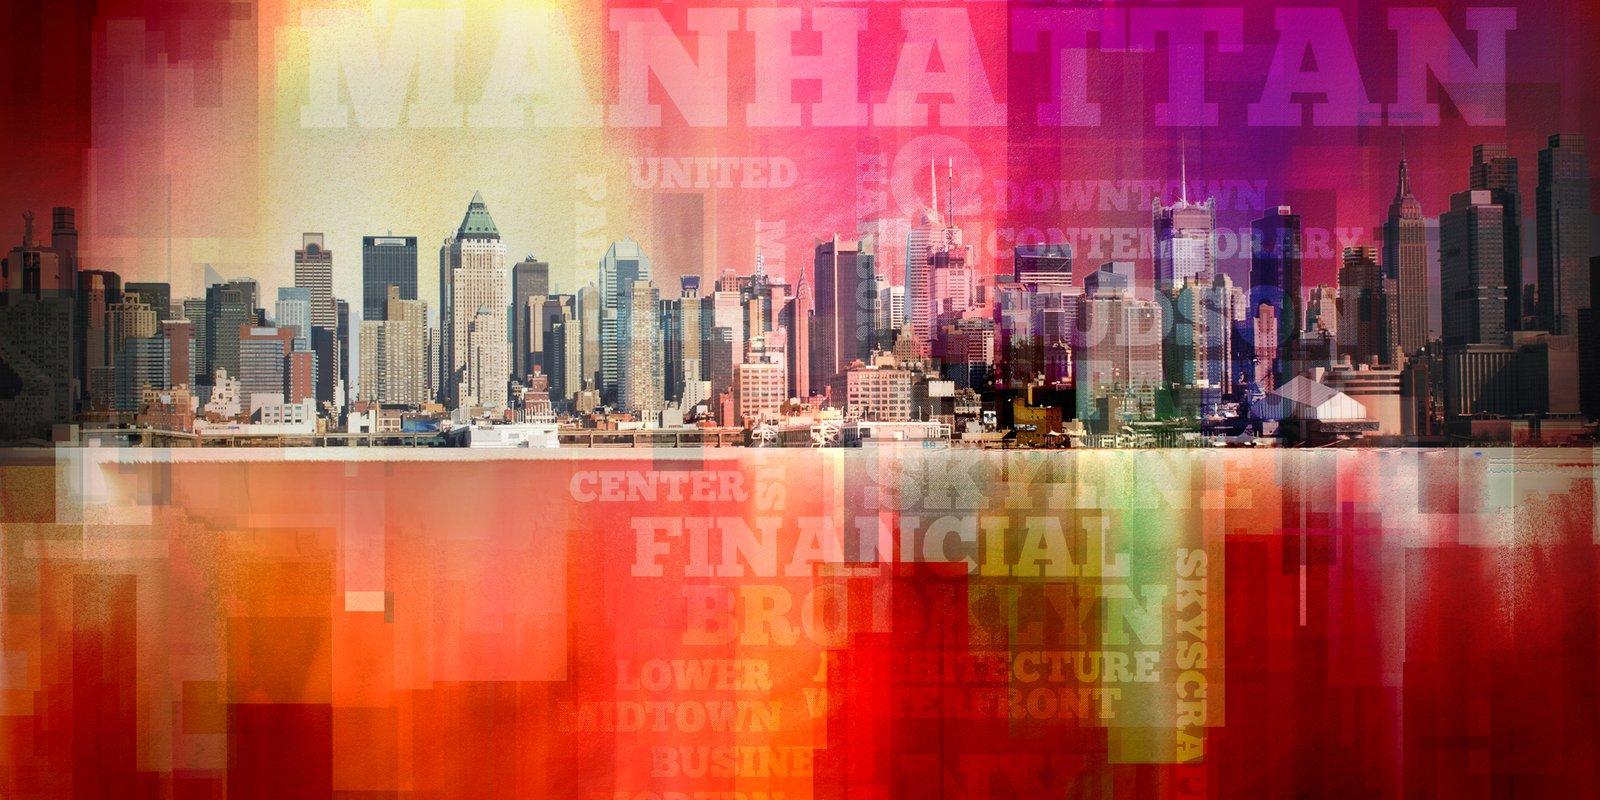 Lenox Hill Manhattan, NY Private Investigator